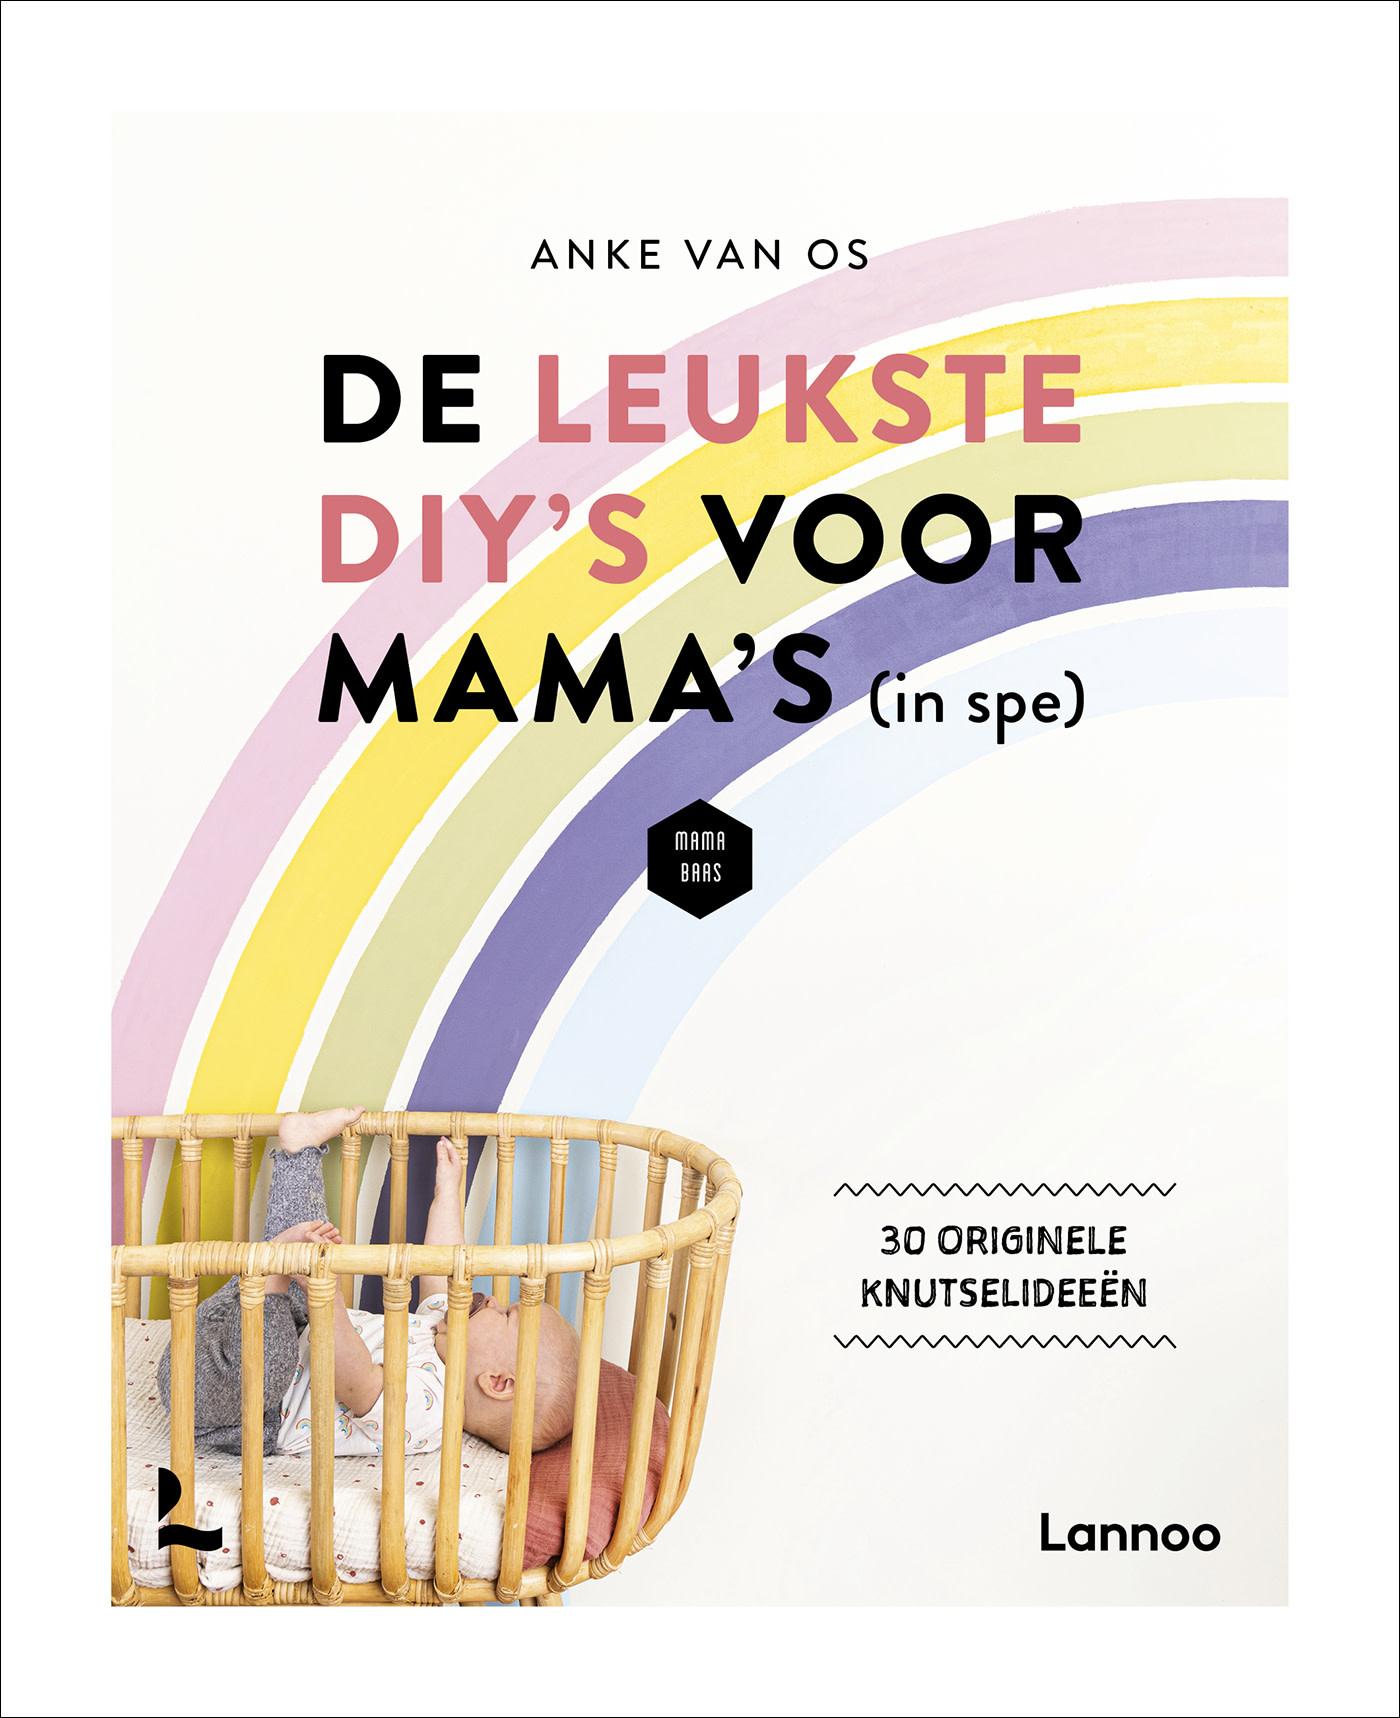 De leukste DIY's voor mama's - Lannoo-1